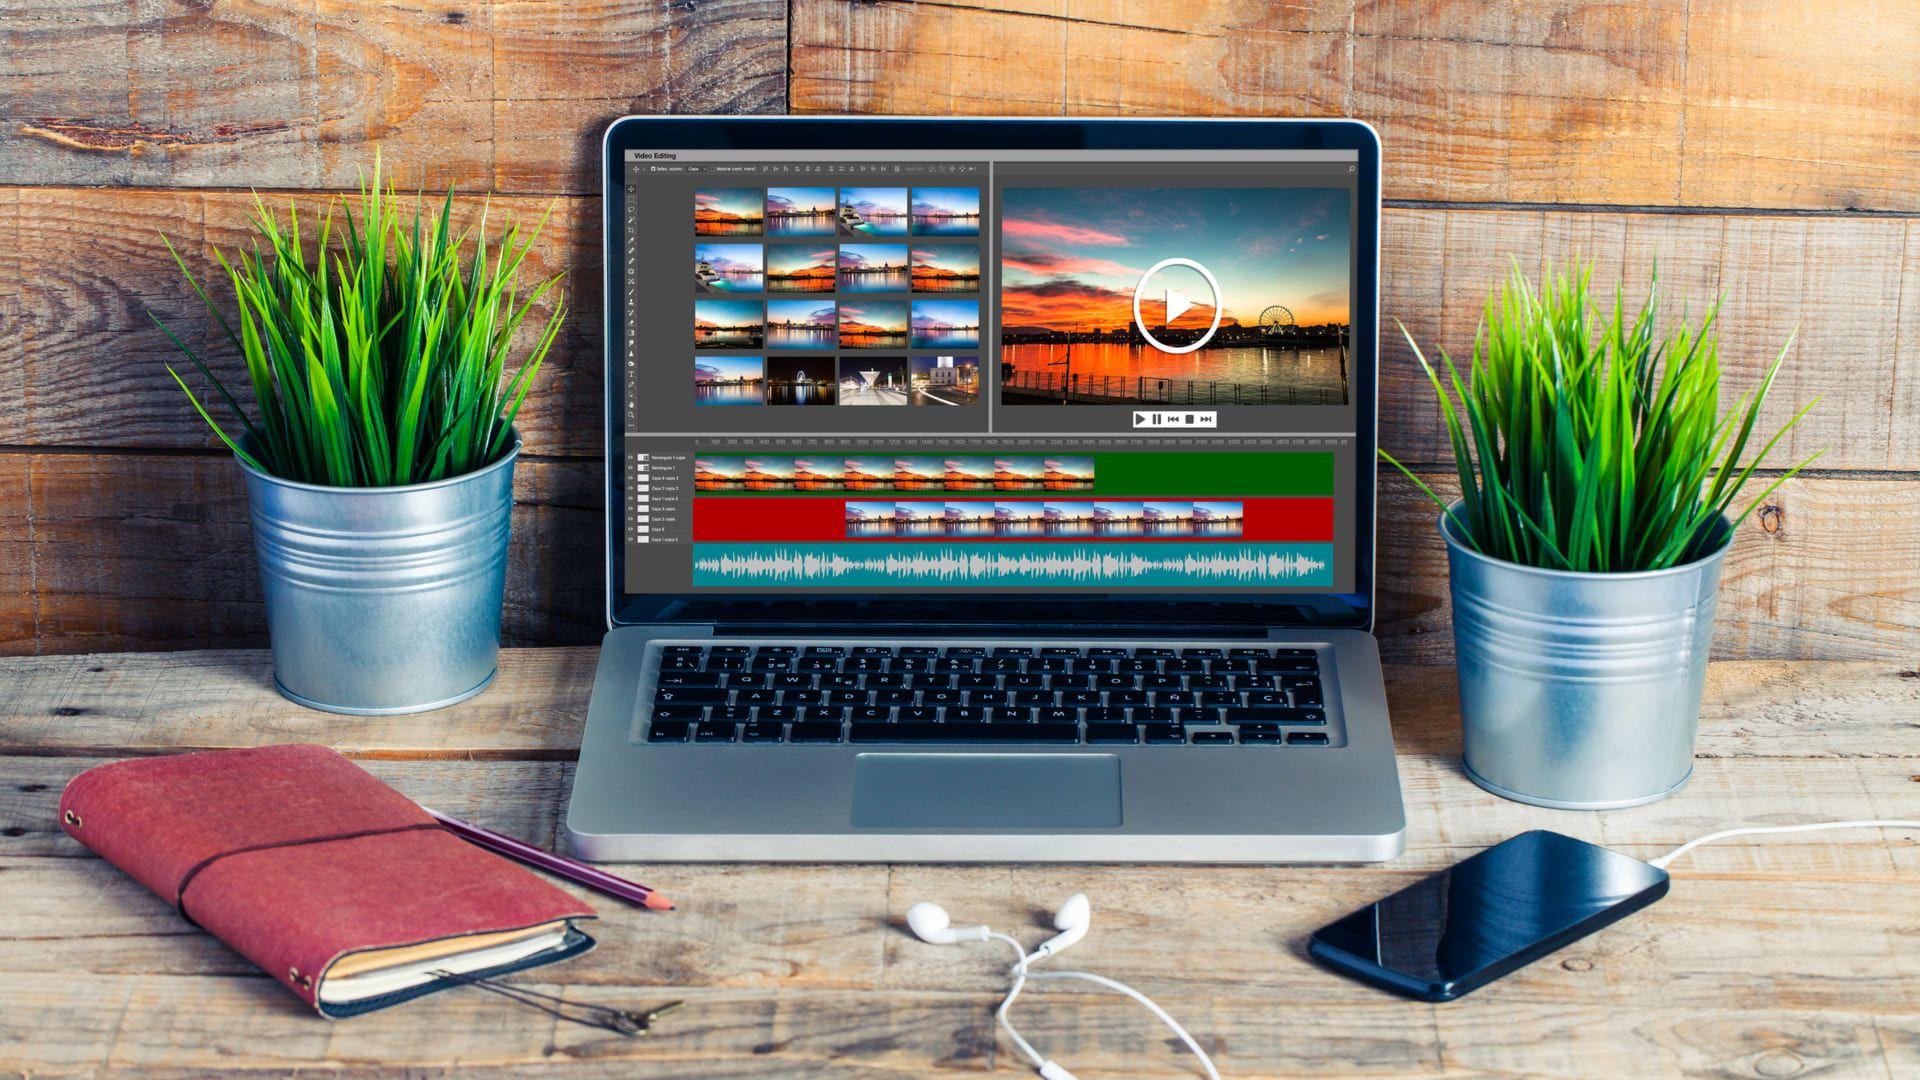 Notebook para edição de vídeo sobre mesa de madeira